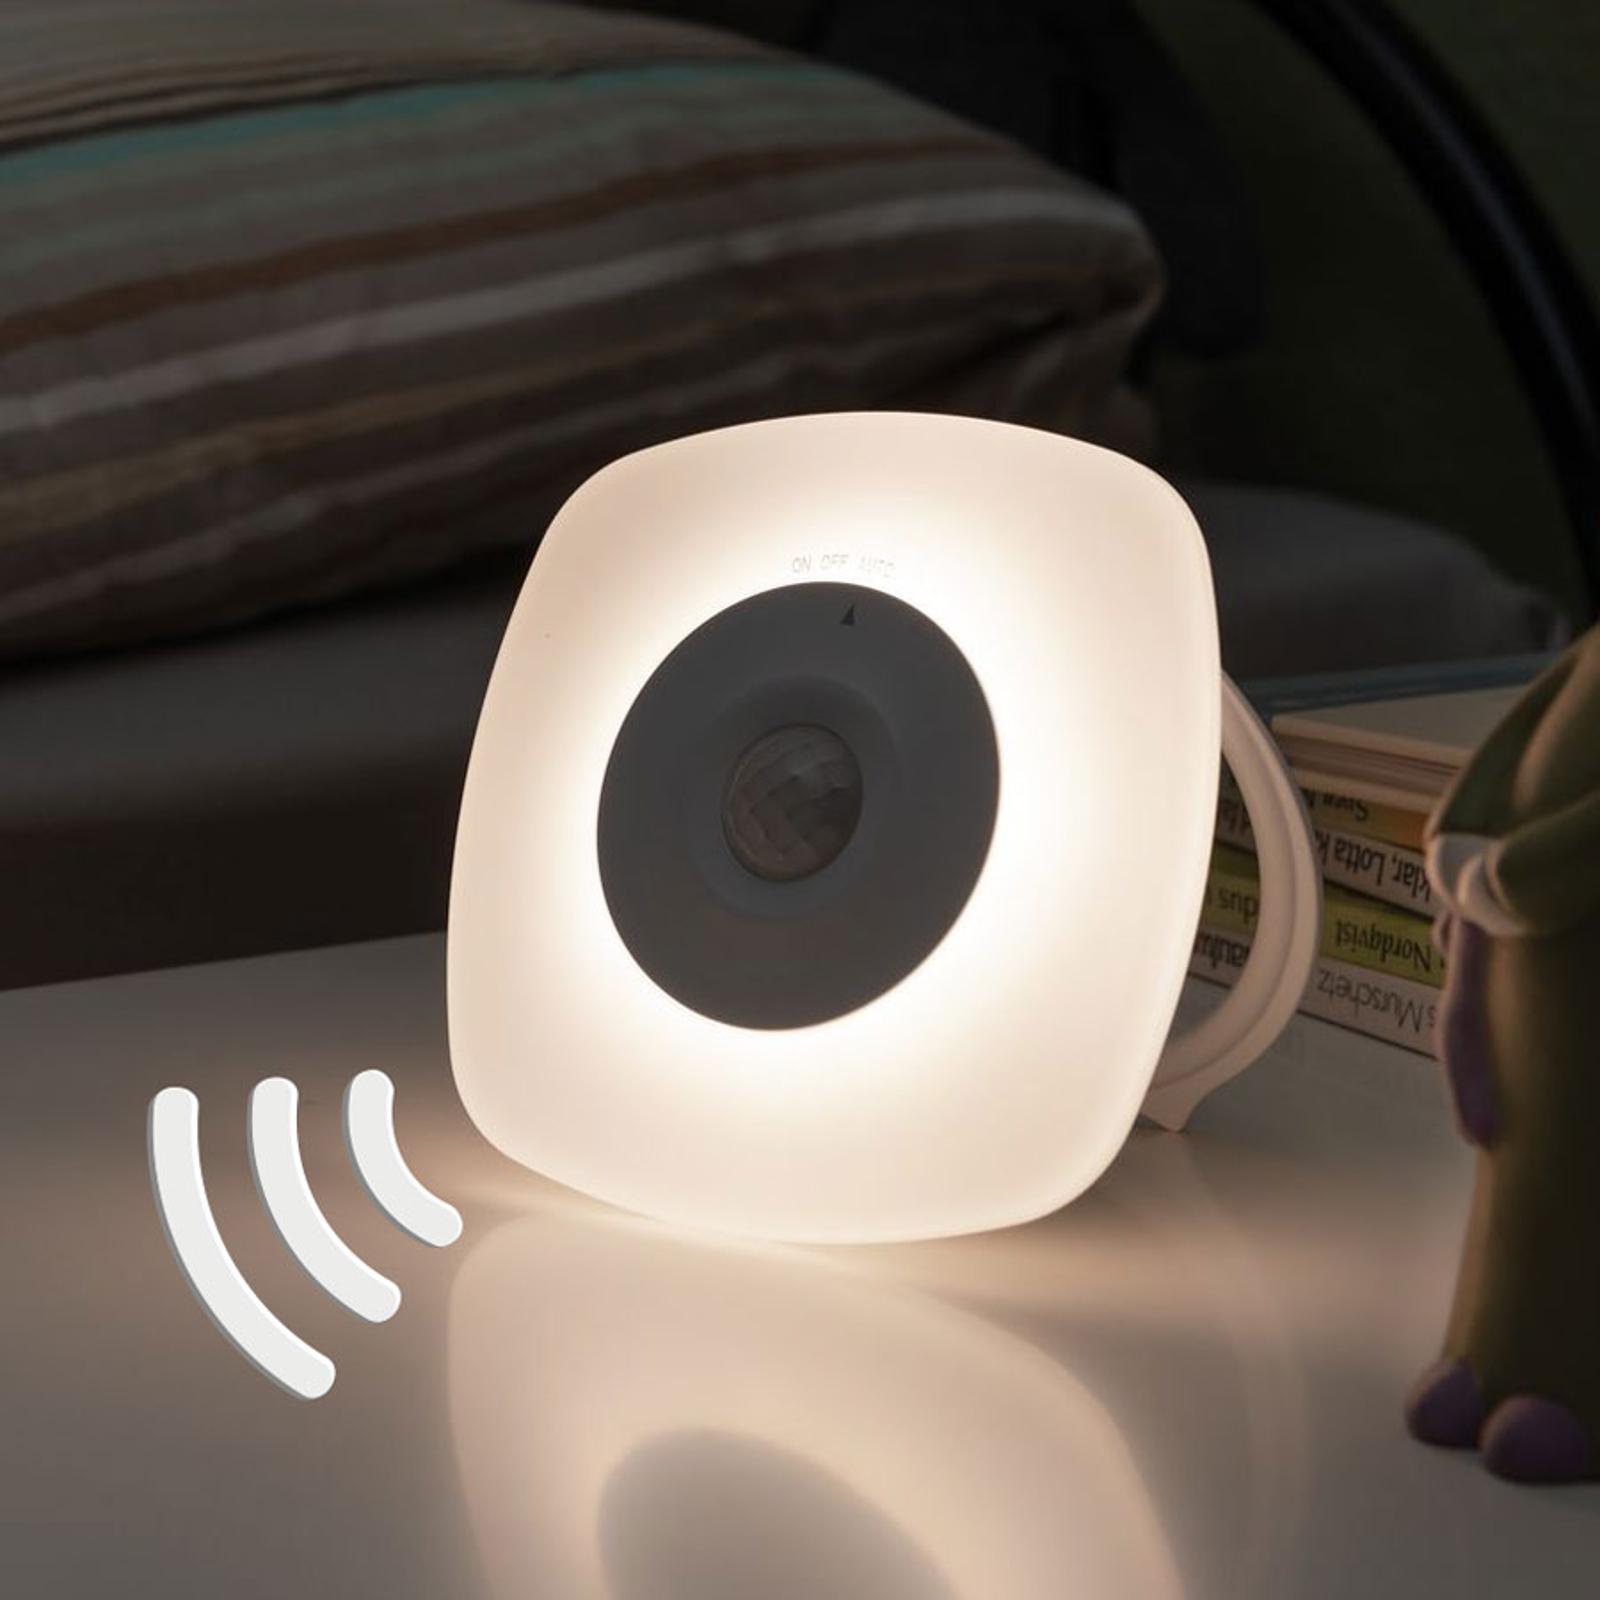 Paulmann Viby lampka nocna LED, mobilna, kątowa